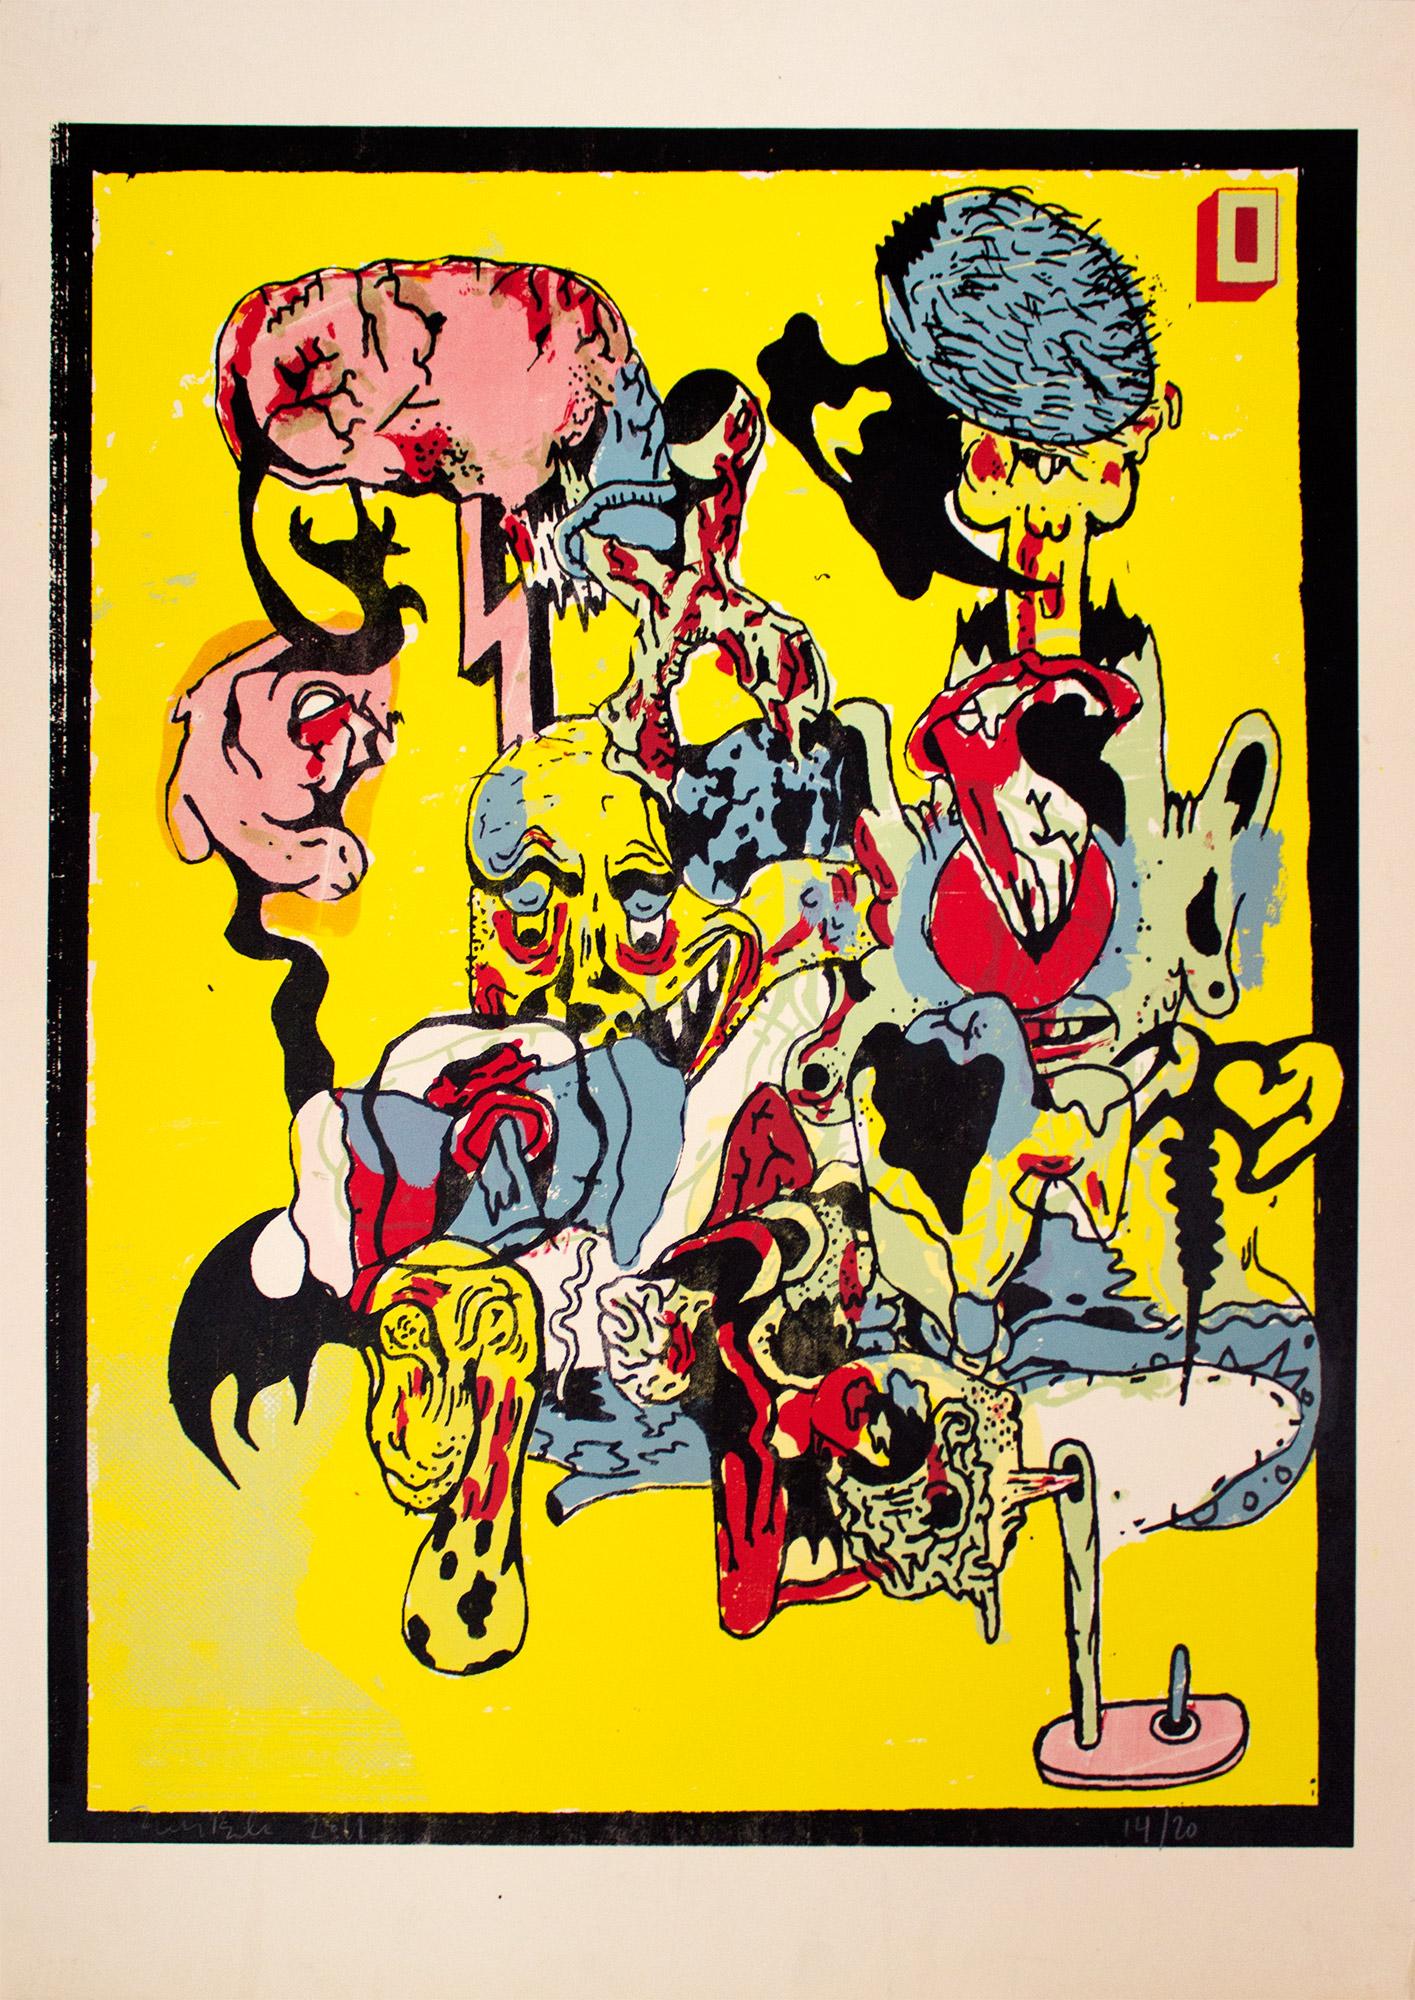 plakater, silketryk, farverige, grafiske, illustrative, surrealistiske, tegneserier, bevægelse, sorte, blå, røde, gule, blæk, papir, abstrakte-former, samtidskunst, københavn, dansk, design, interiør, bolig-indretning, moderne, moderne-kunst, nordisk, plakater, skandinavisk, levende, Køb original kunst og kunstplakater. Malerier, tegninger, limited edition kunsttryk & plakater af dygtige kunstnere.